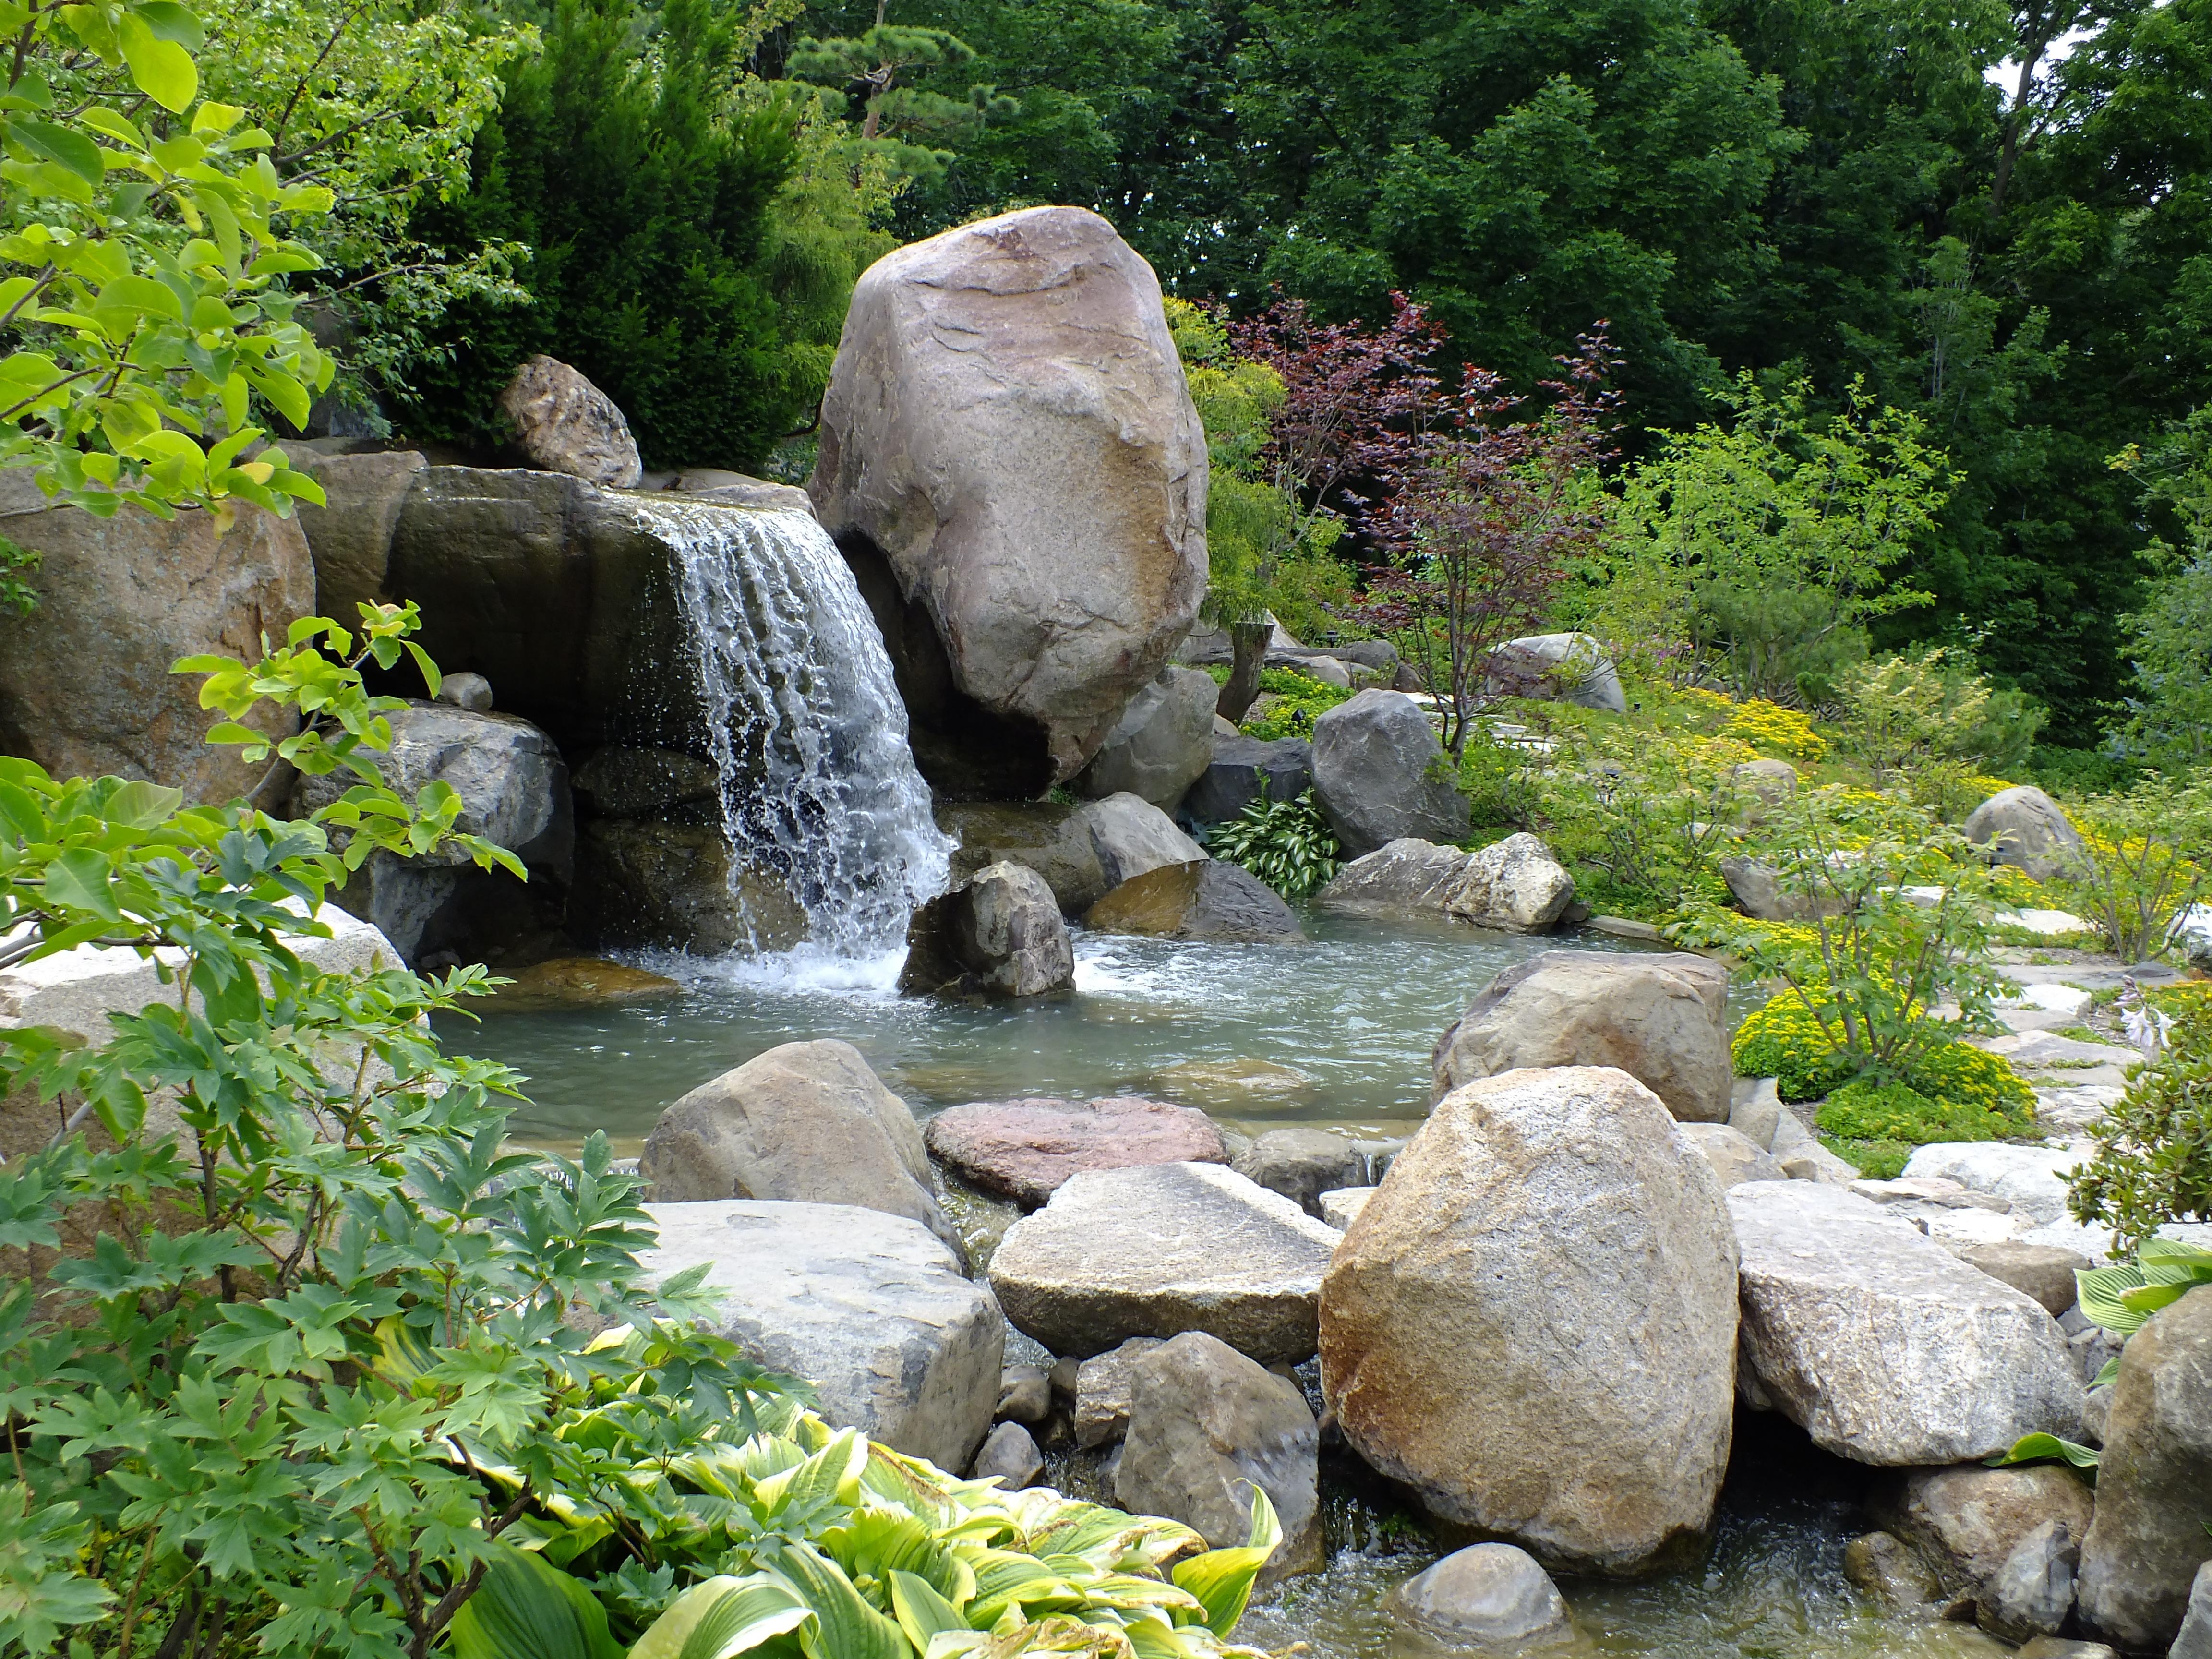 Serenity Garden Offers A Healing Environment